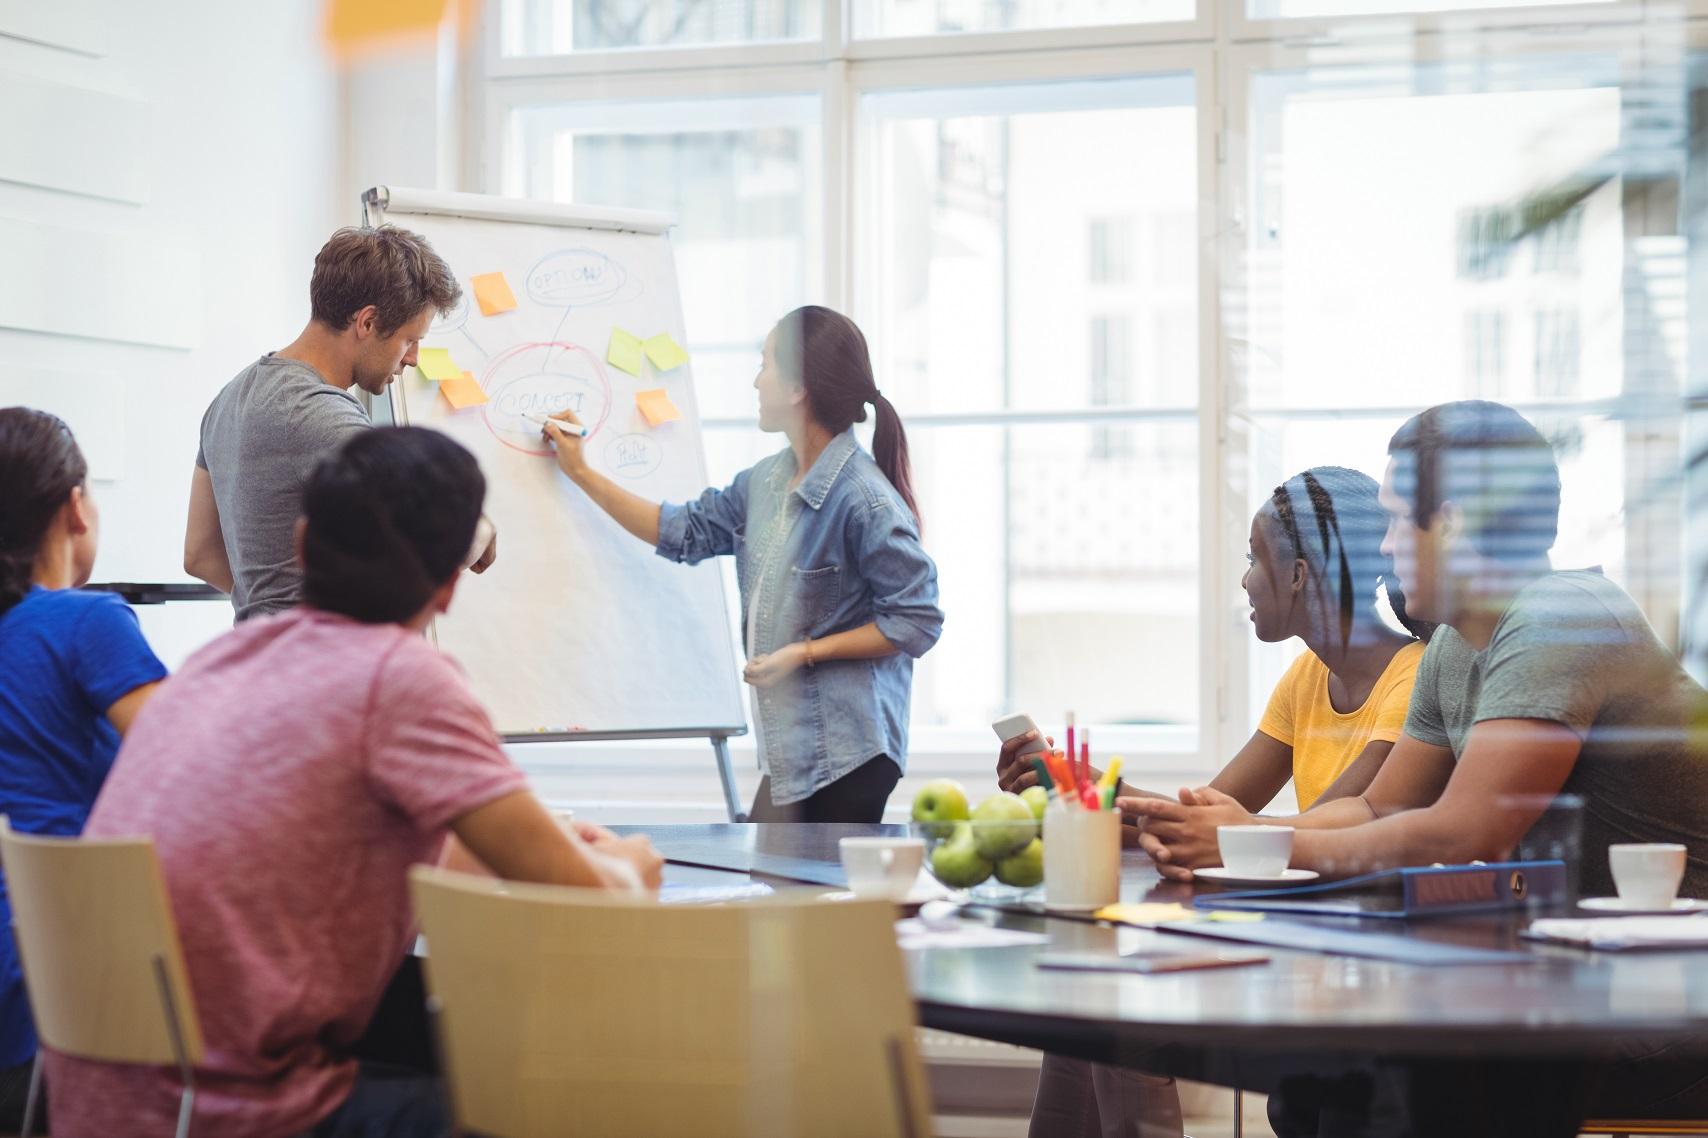 É possível aprender a ser um líder criativo ou uma líder criativa?